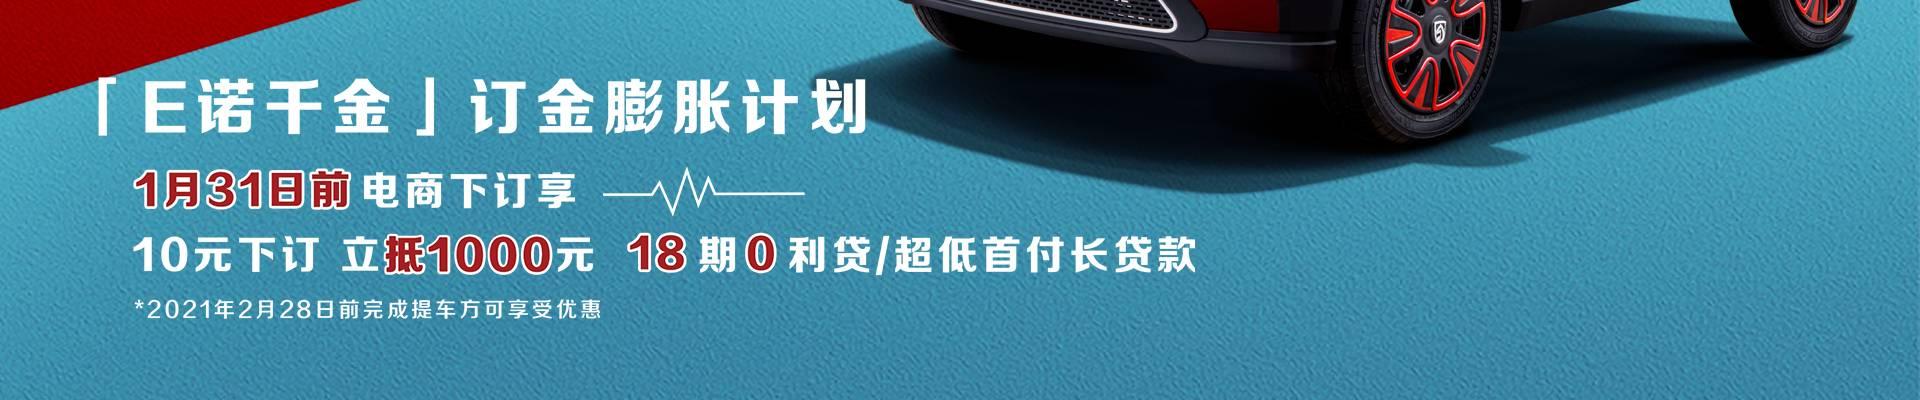 寶(bao)駿E100,電動(dong)汽(qi)車,新能源(yuan)車,價格